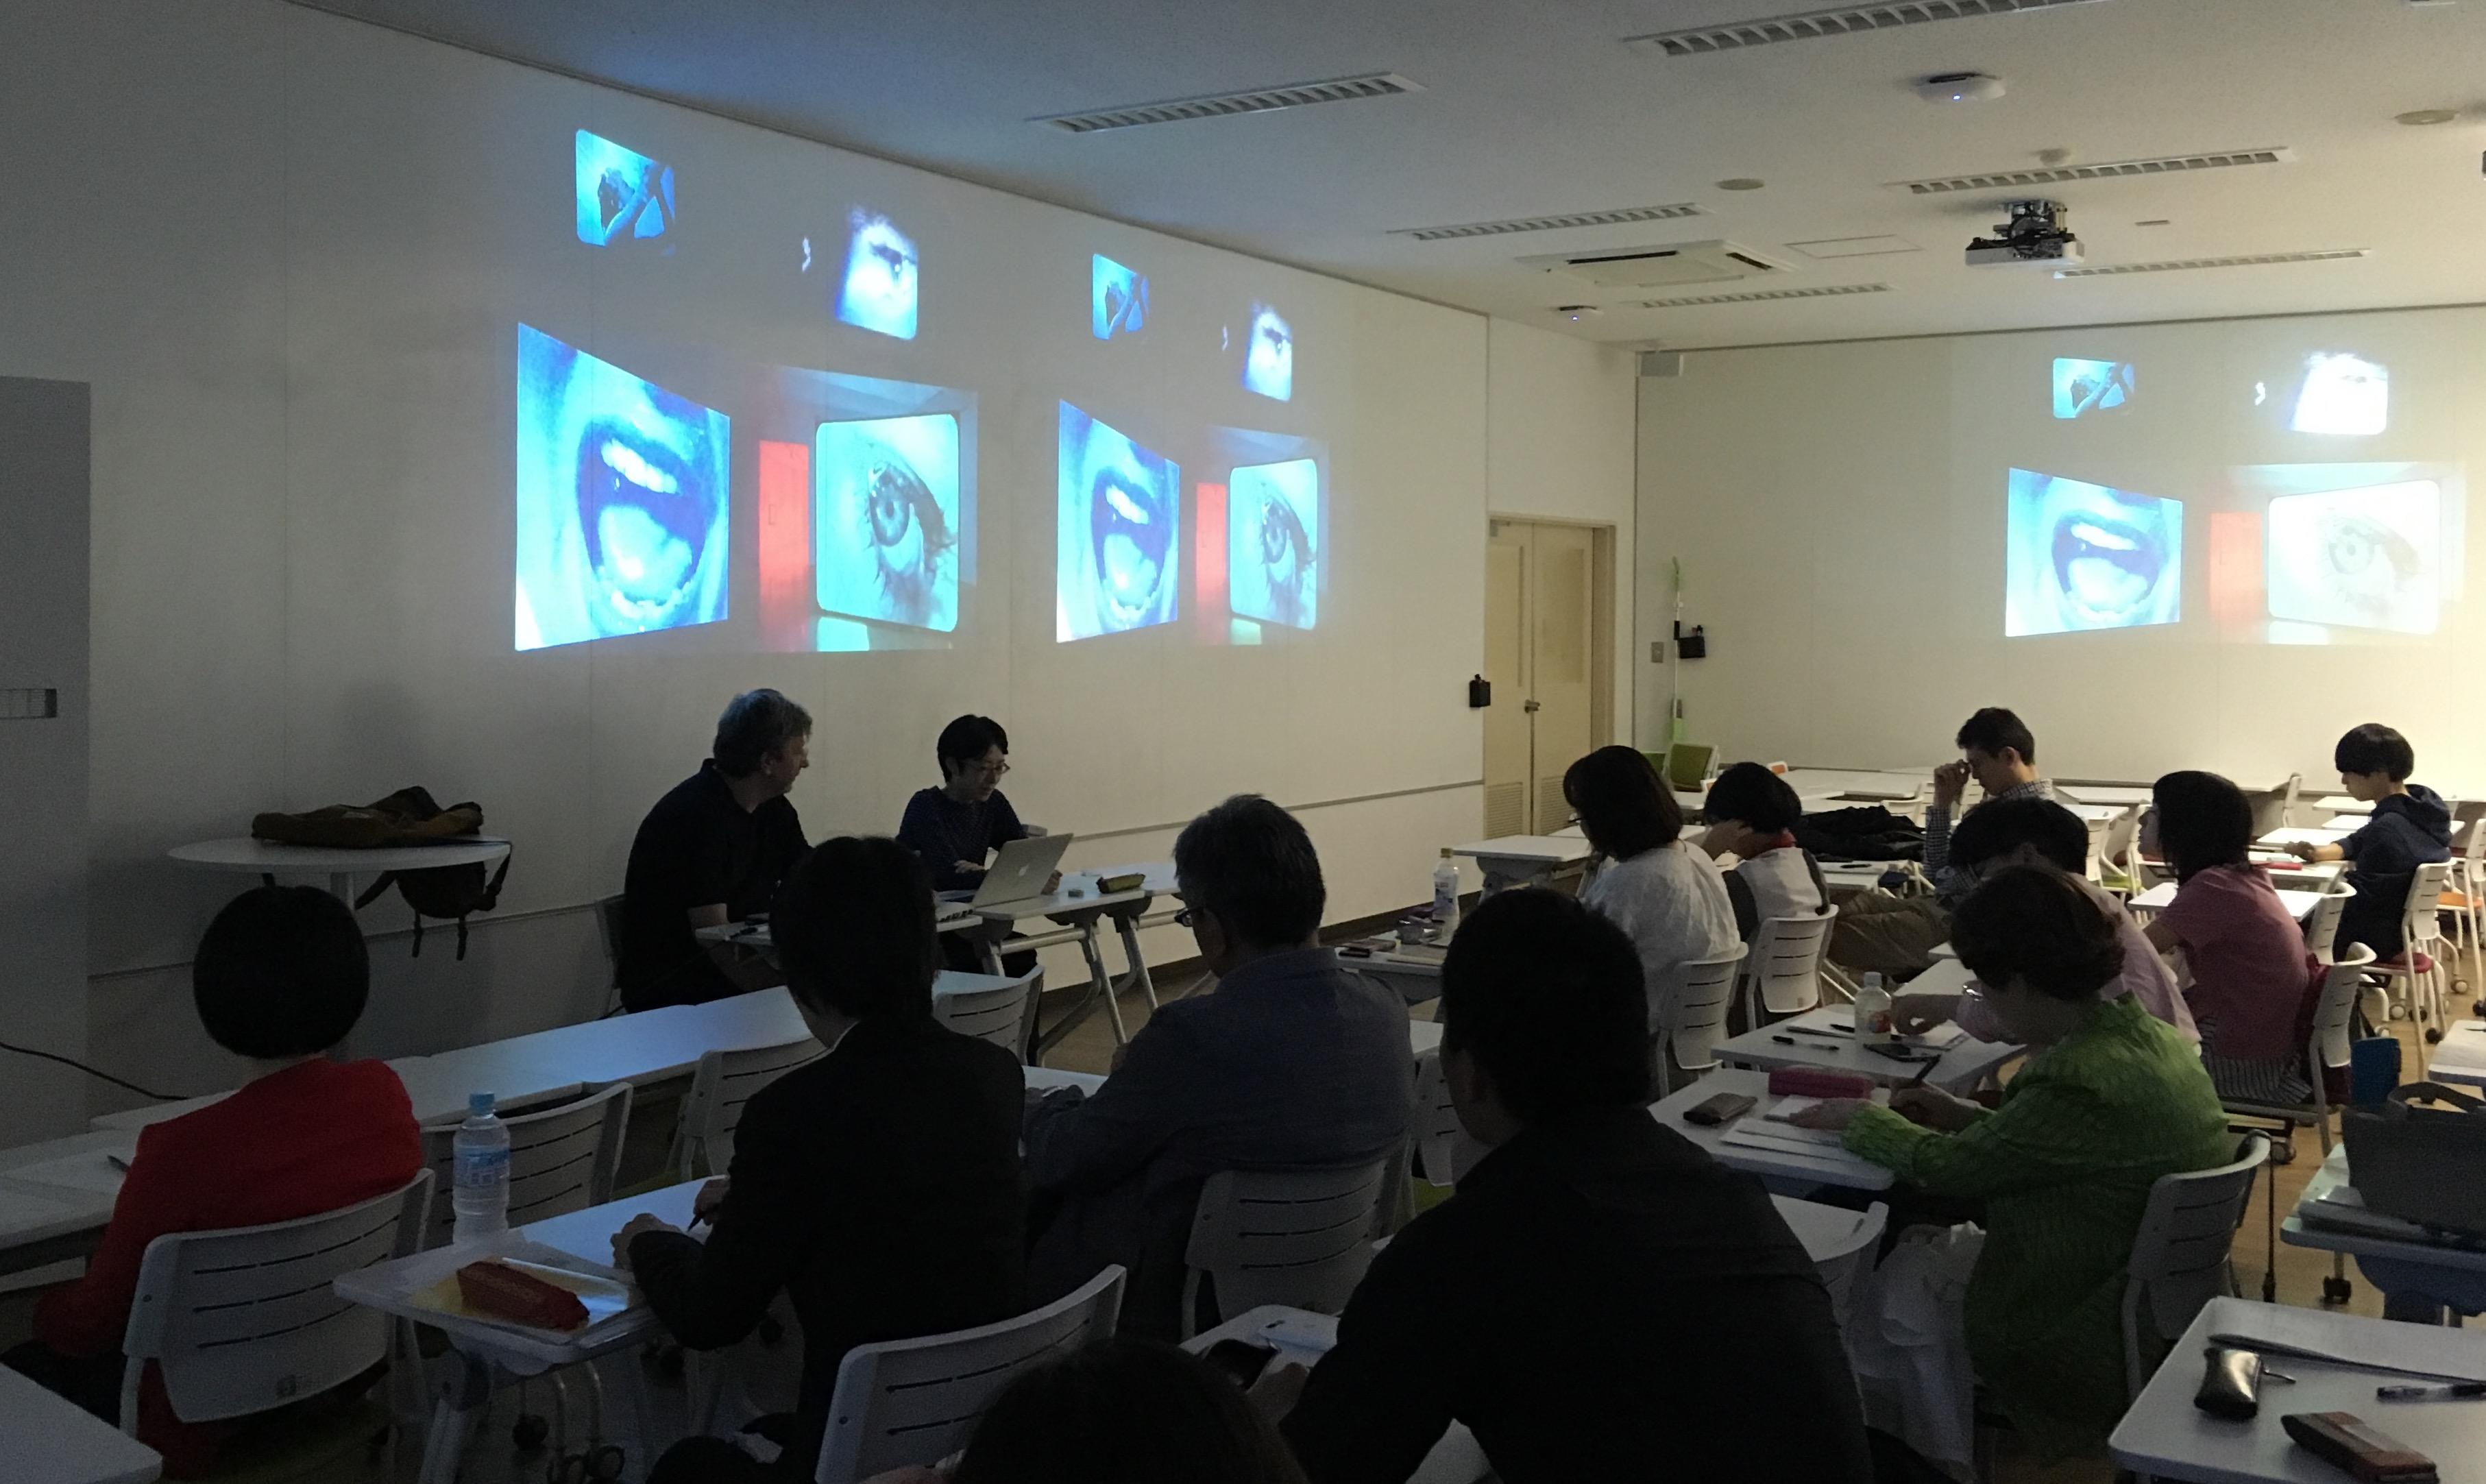 連続公開セミナー「展示の映画」および国際ワークショップ「イメージと時間」.JPG